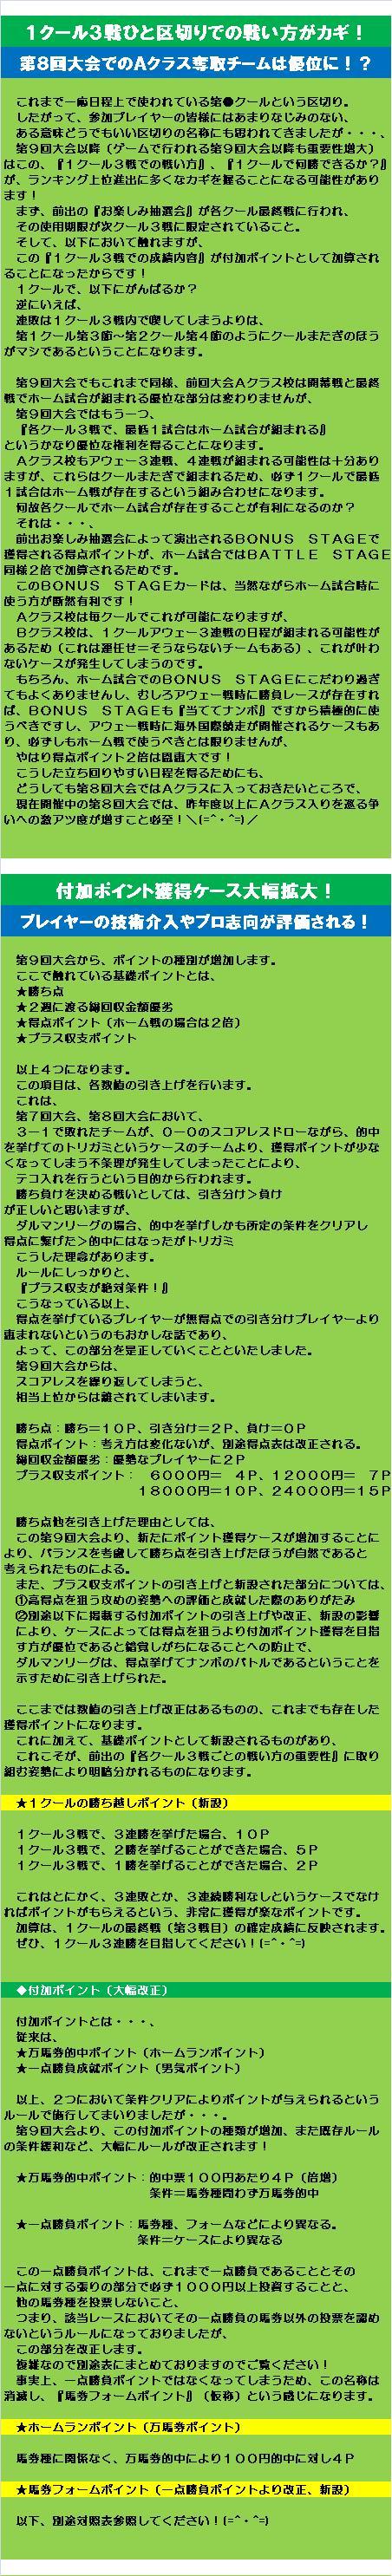 20170328・第9回大会ルール改正③.jpg